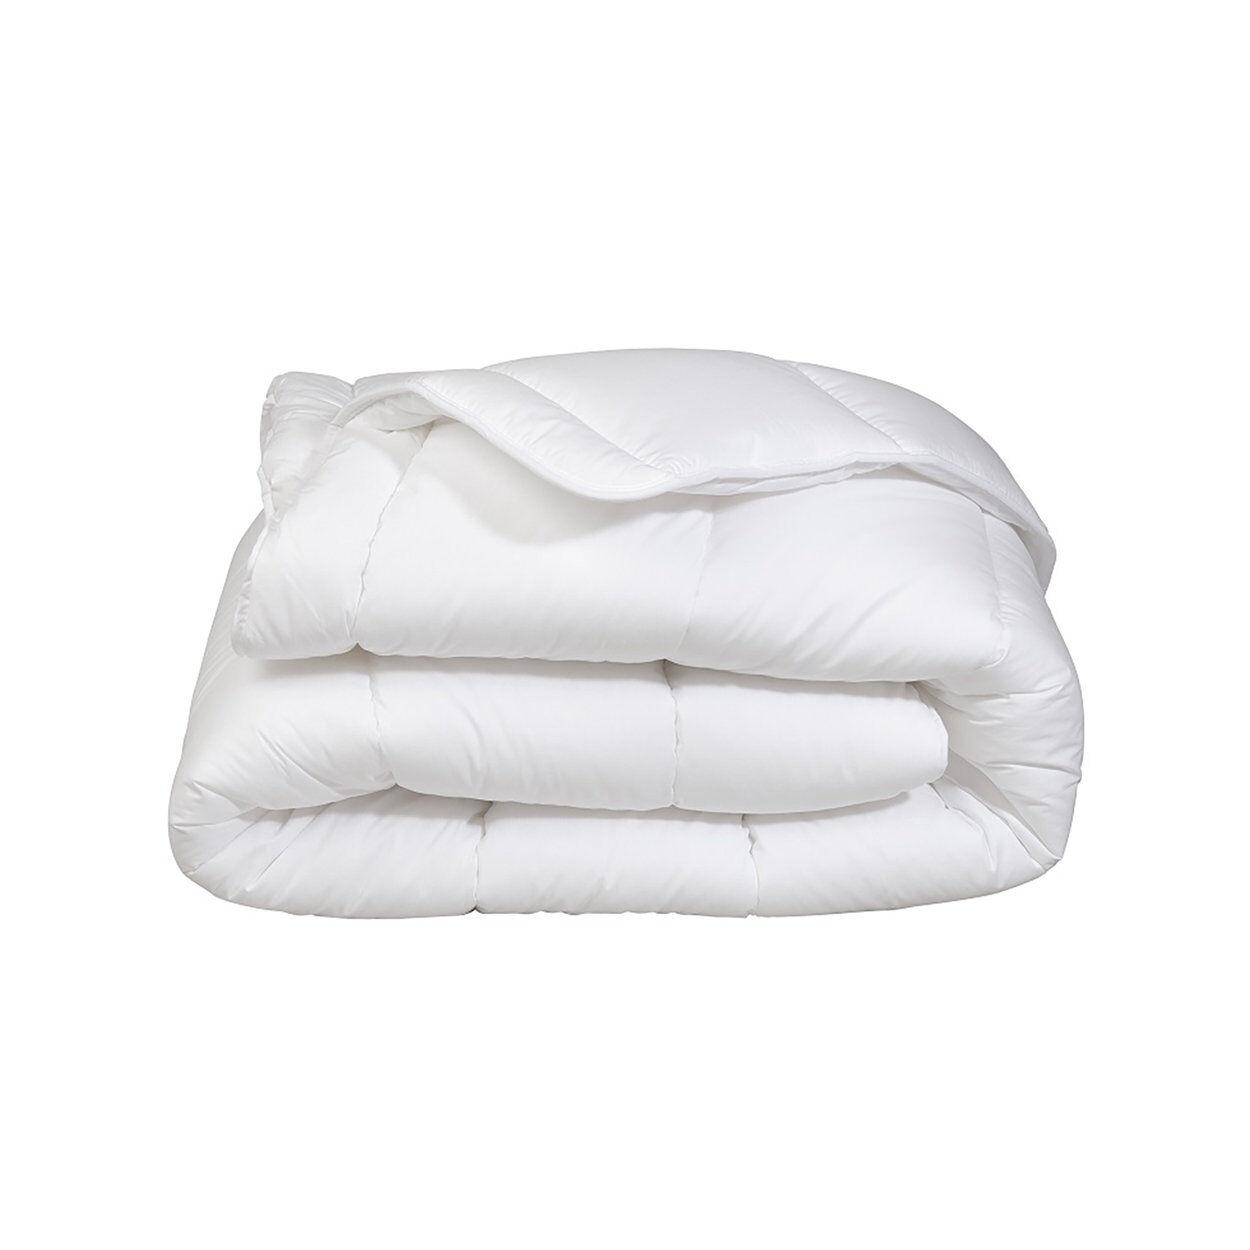 Piumoni in fibra Piumone Microfibra Warm, bianco